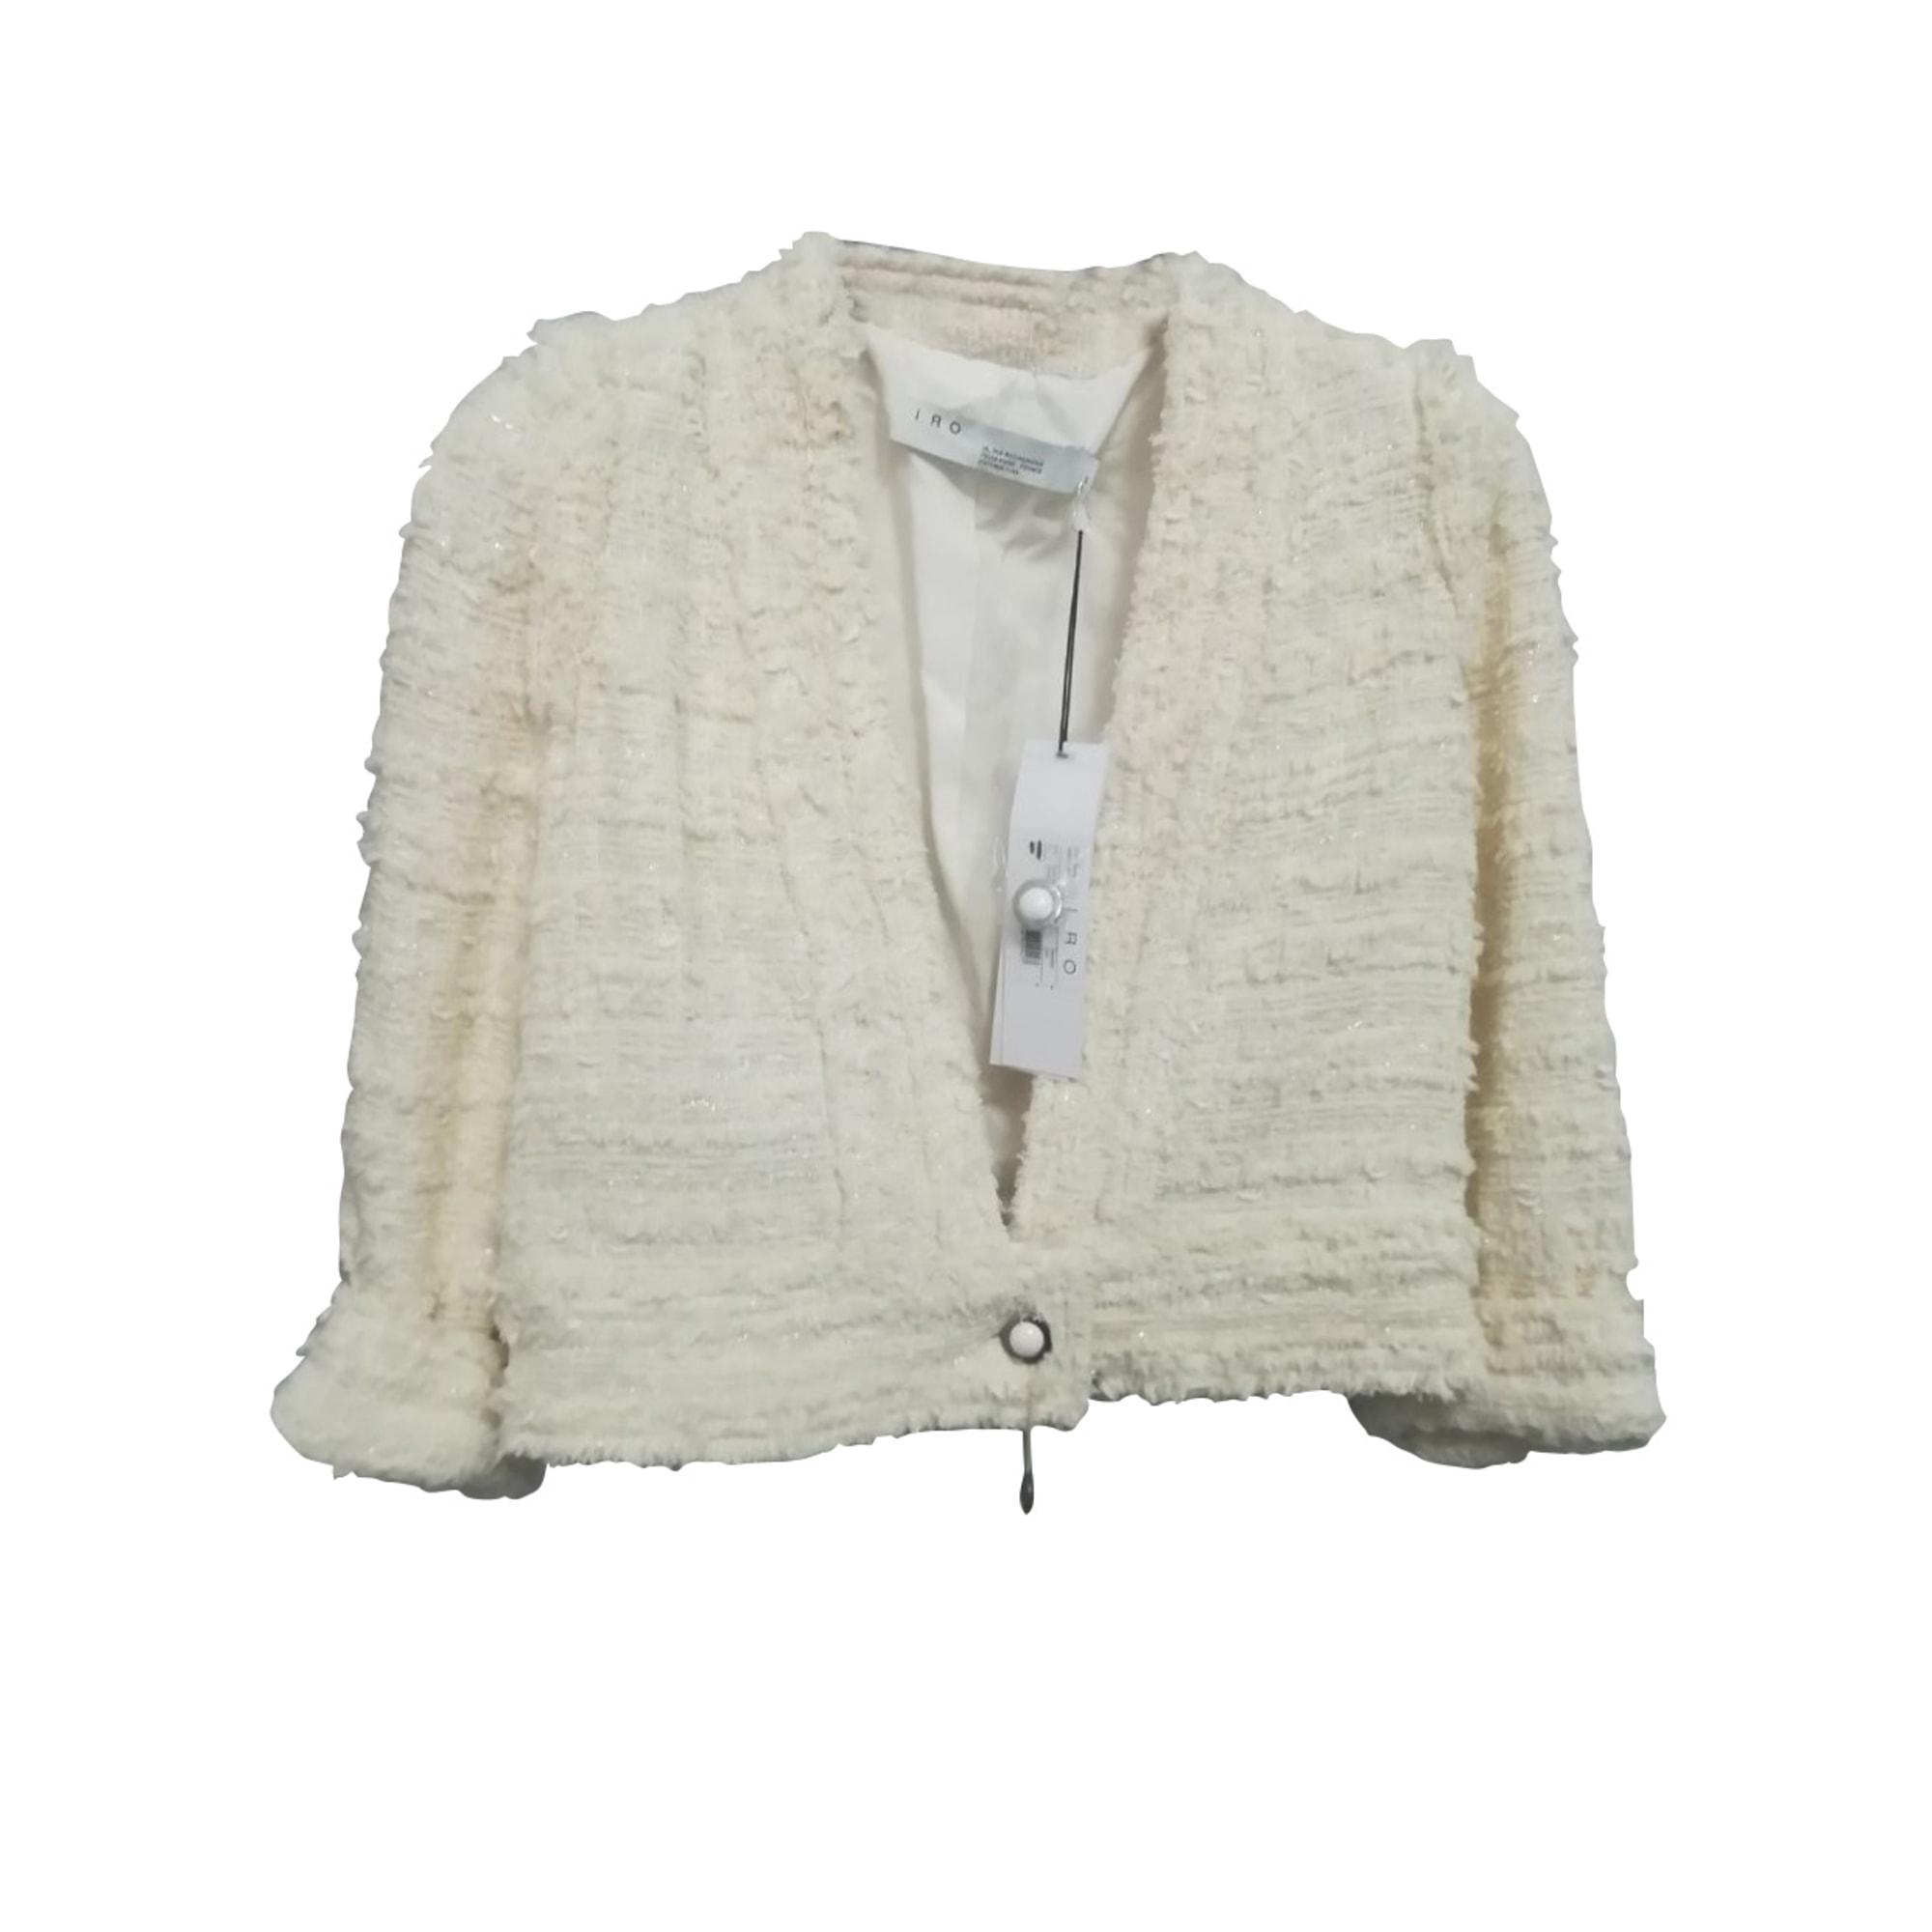 Jacket IRO White, off-white, ecru